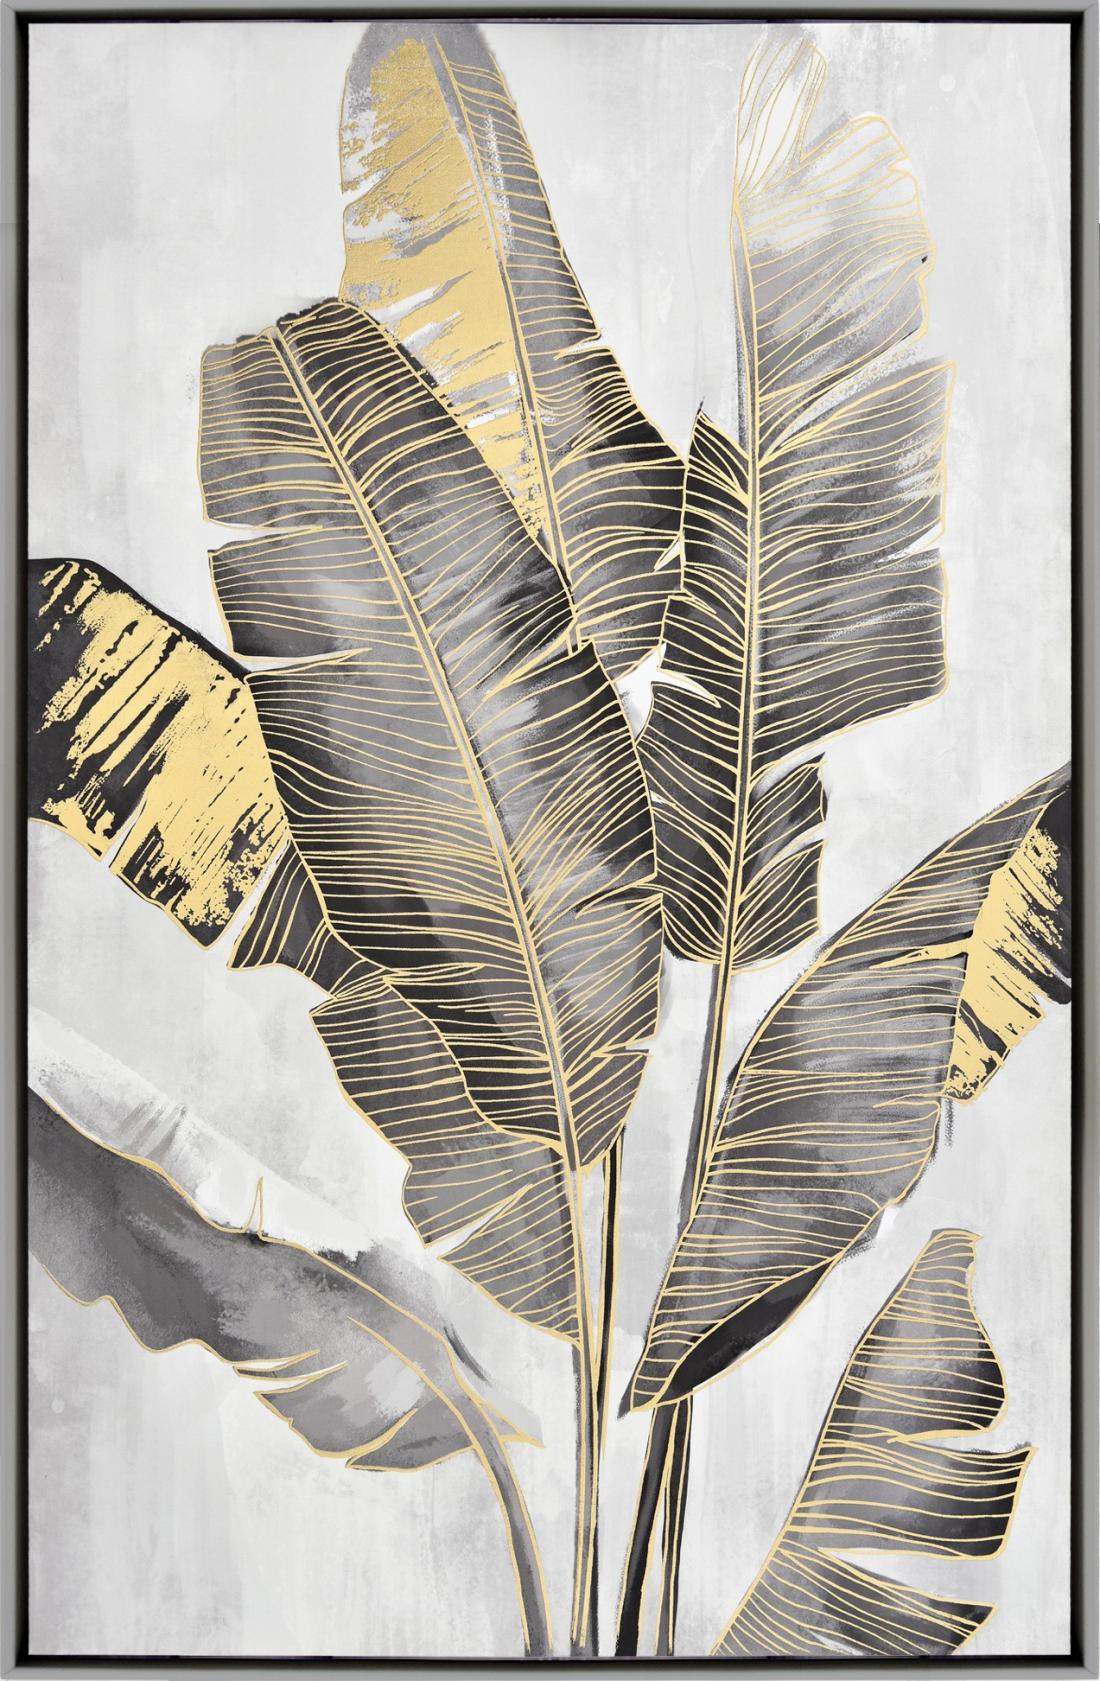 Schilderij bananenbladeren 82x122